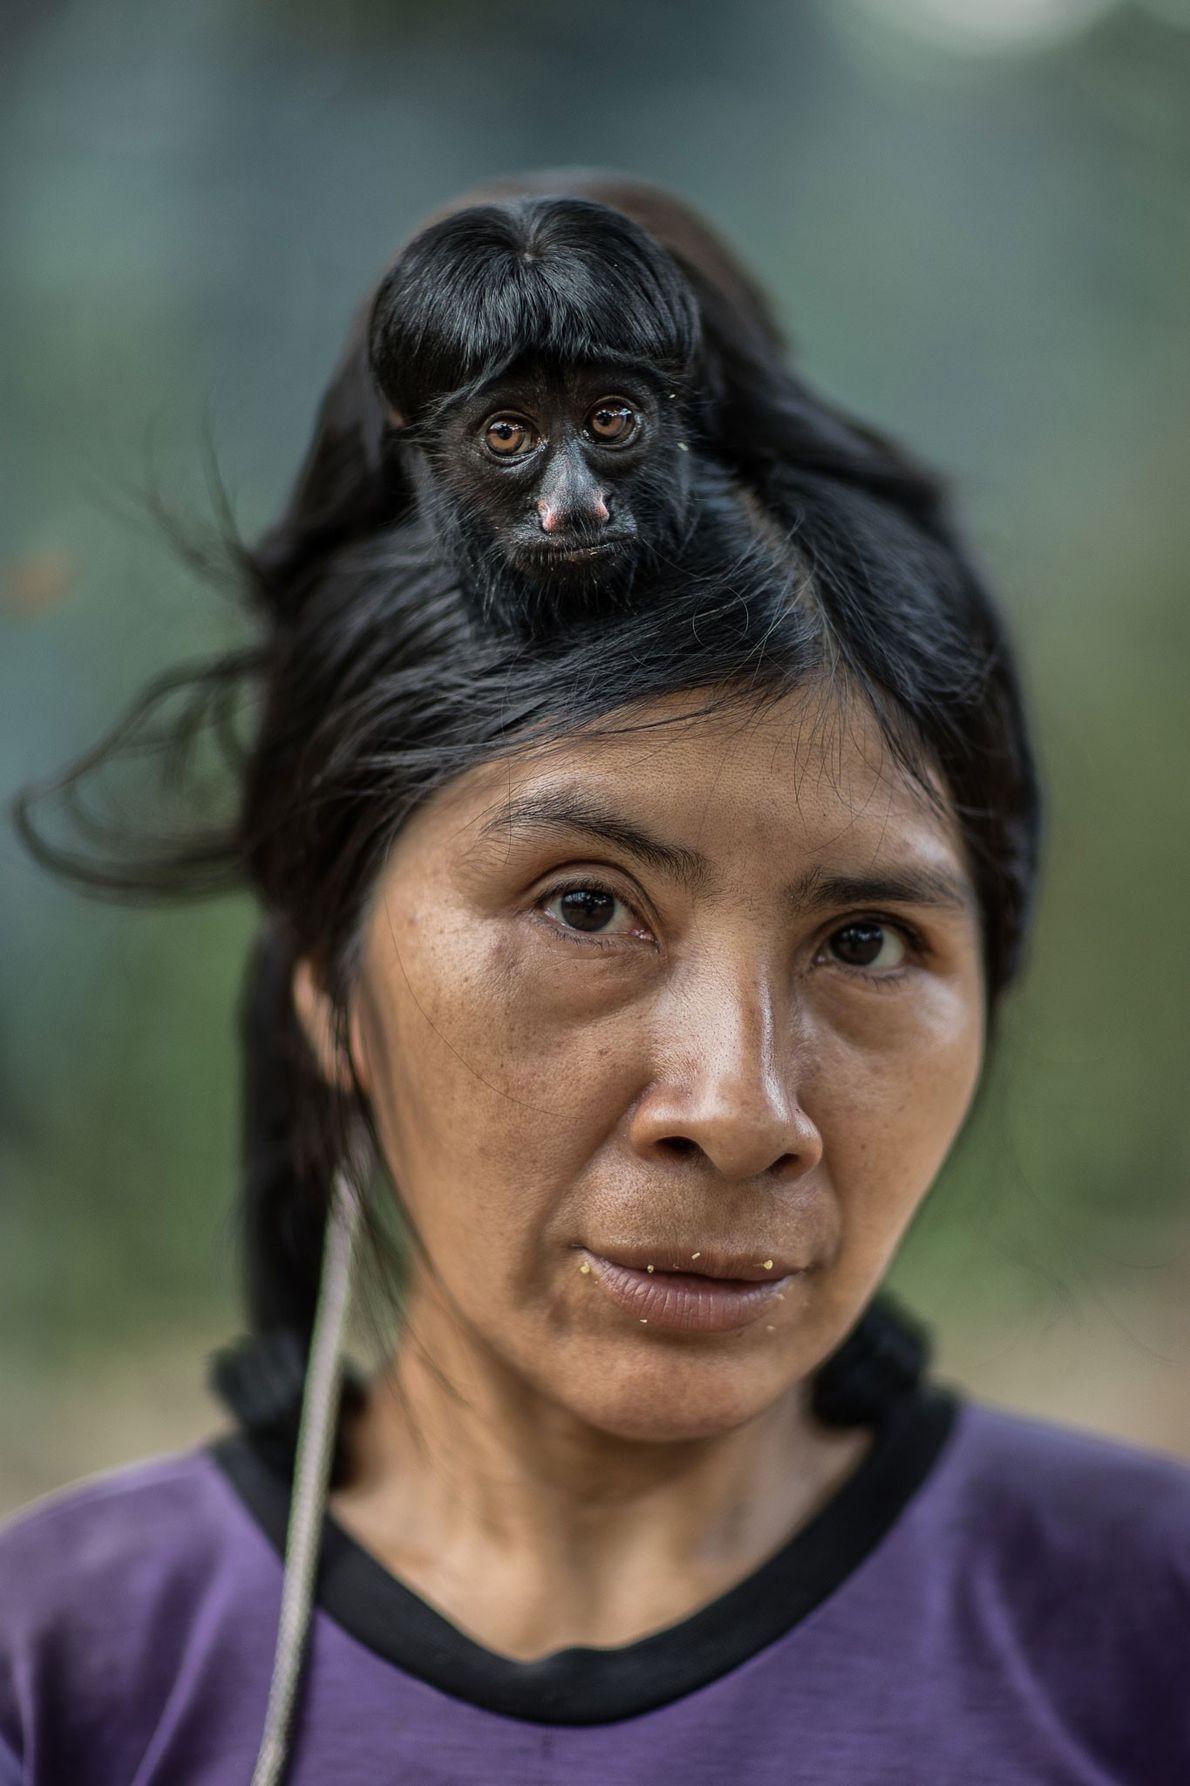 Ayhuan mit einem Schwarzen Saki auf ihrem Kopf. Juriti, Awã-Gemeinschaft, Brasilien